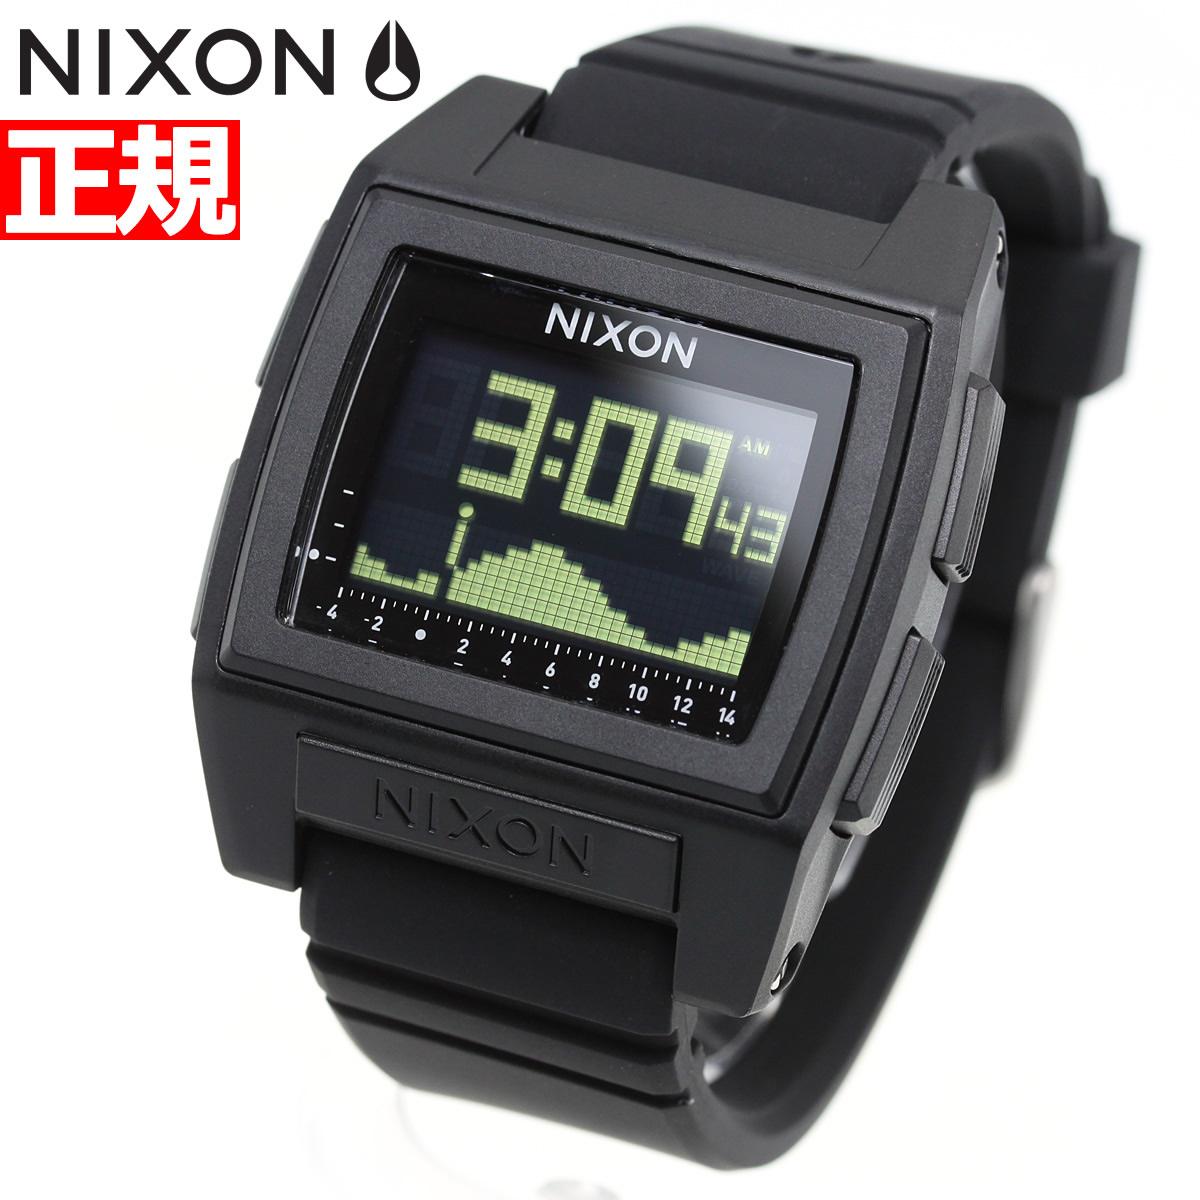 ニクソン NIXON ベースタイド プロ BASE TIDE PRO 腕時計 メンズ レディース BLACK NA1212000-00【2018 新作】